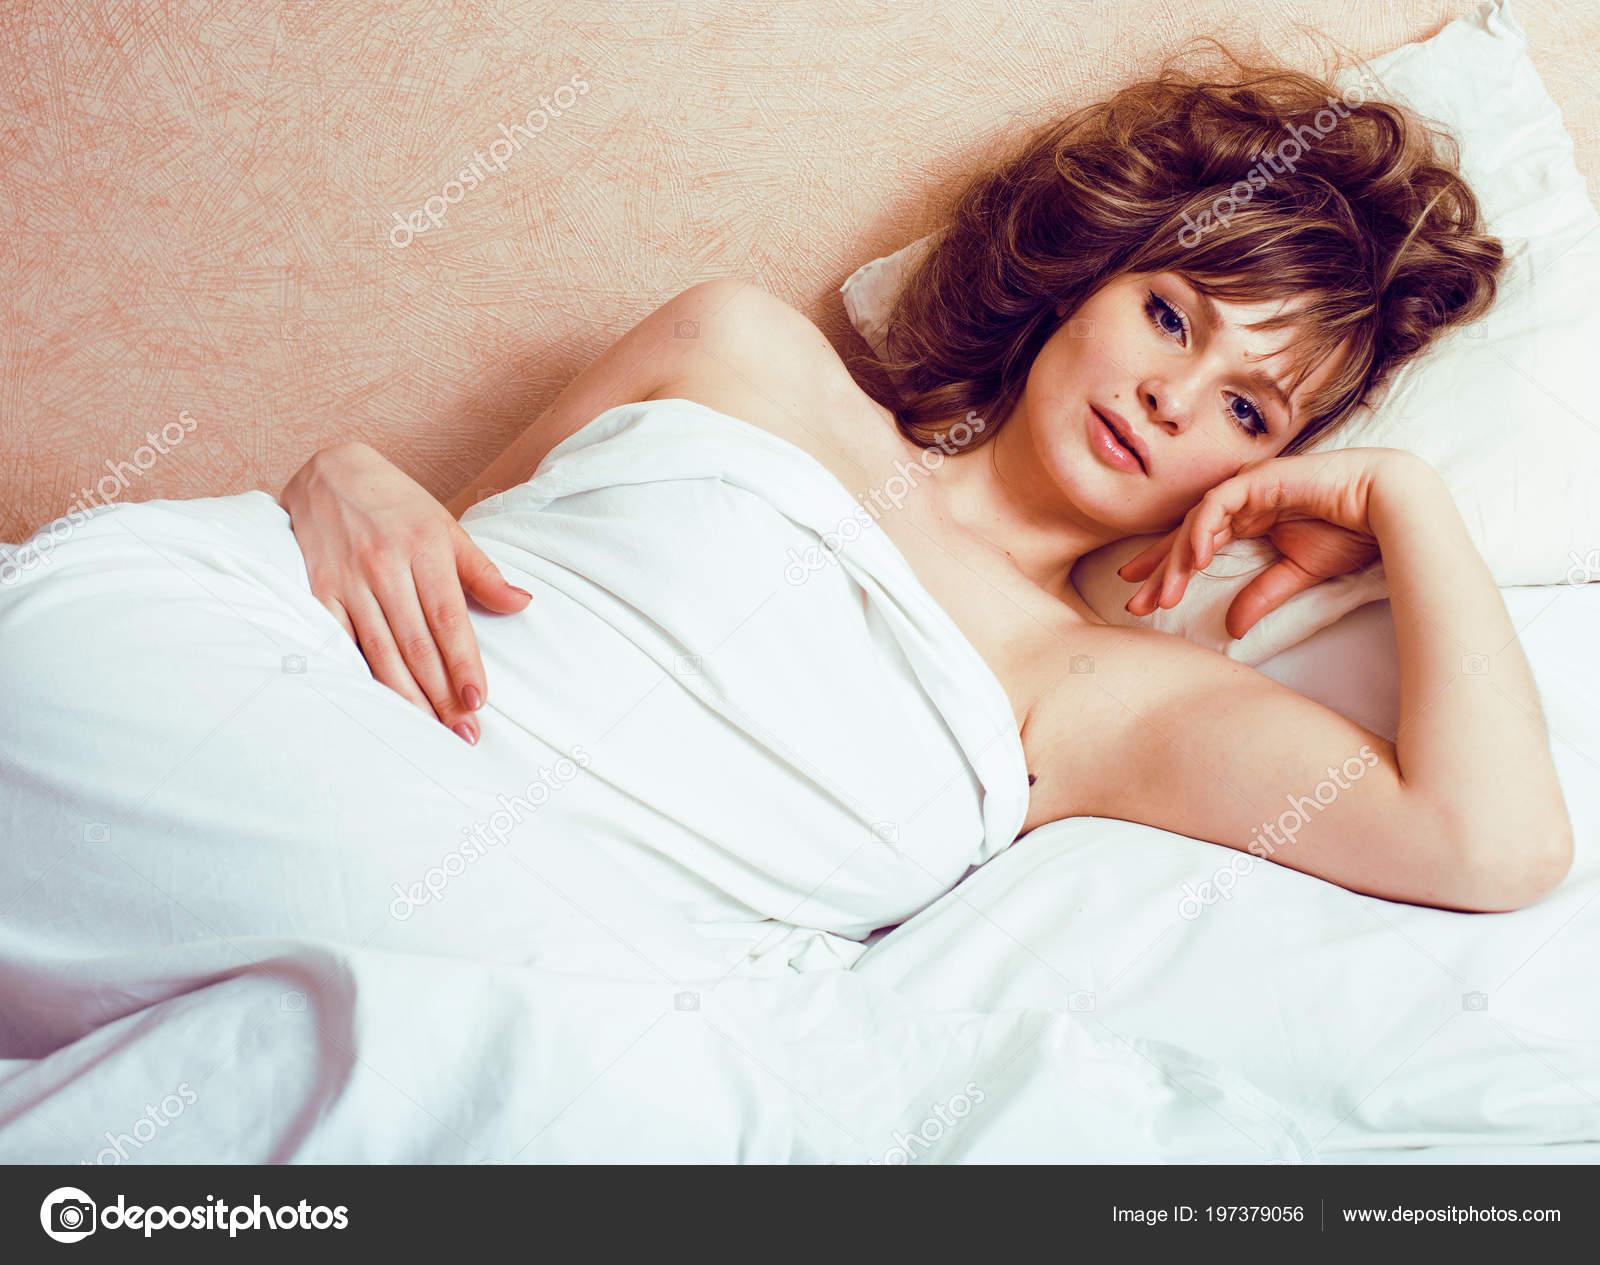 Сексуальный образ в постели